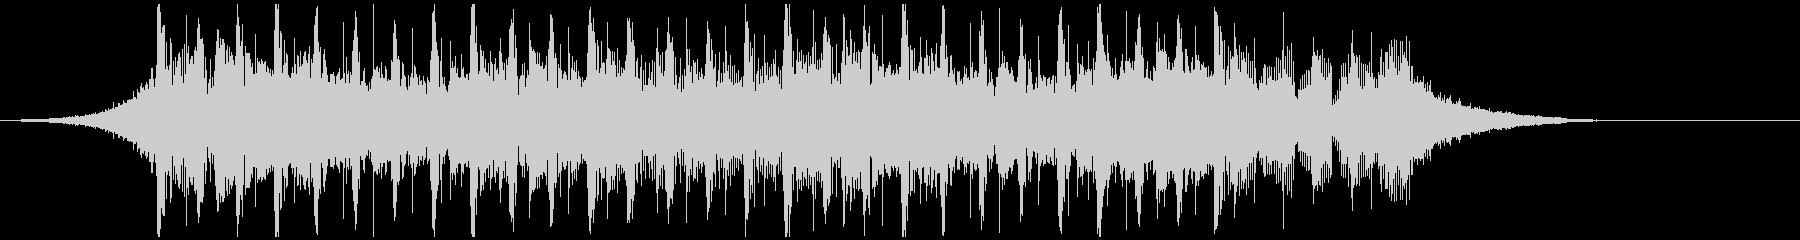 インテリジェント(ショート2)の未再生の波形